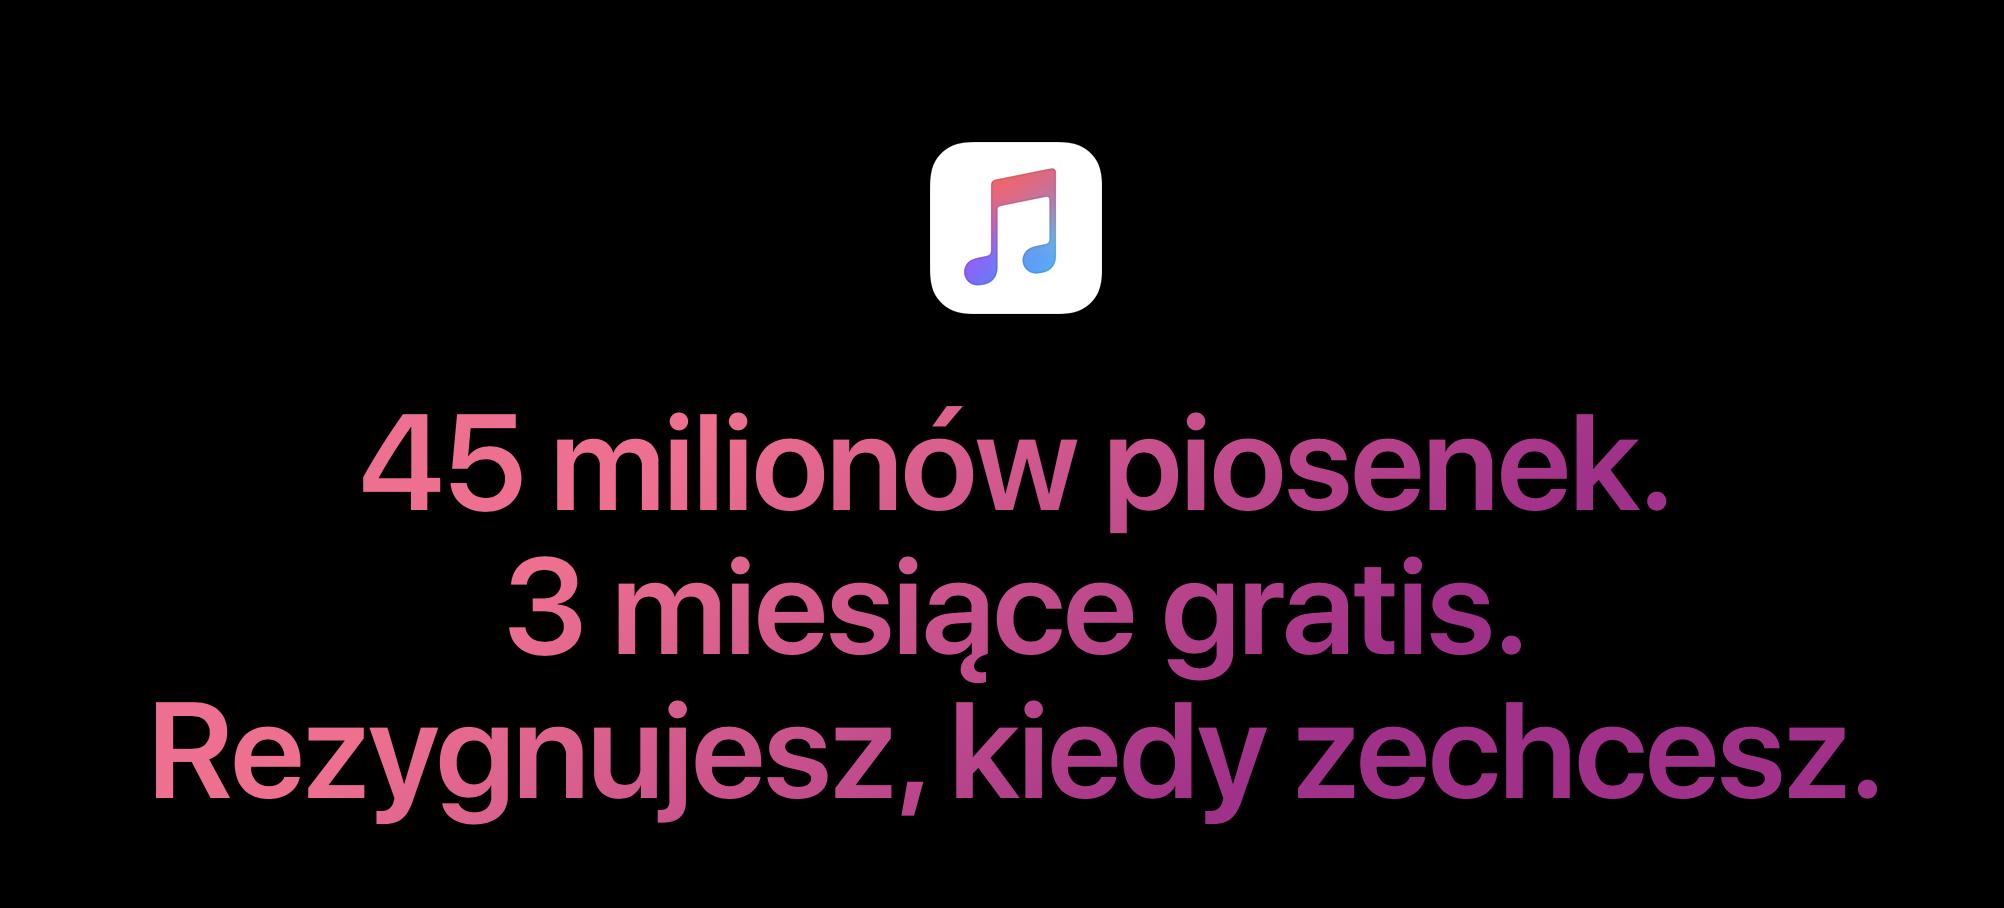 Apple Music w Polsce z nową taryfą